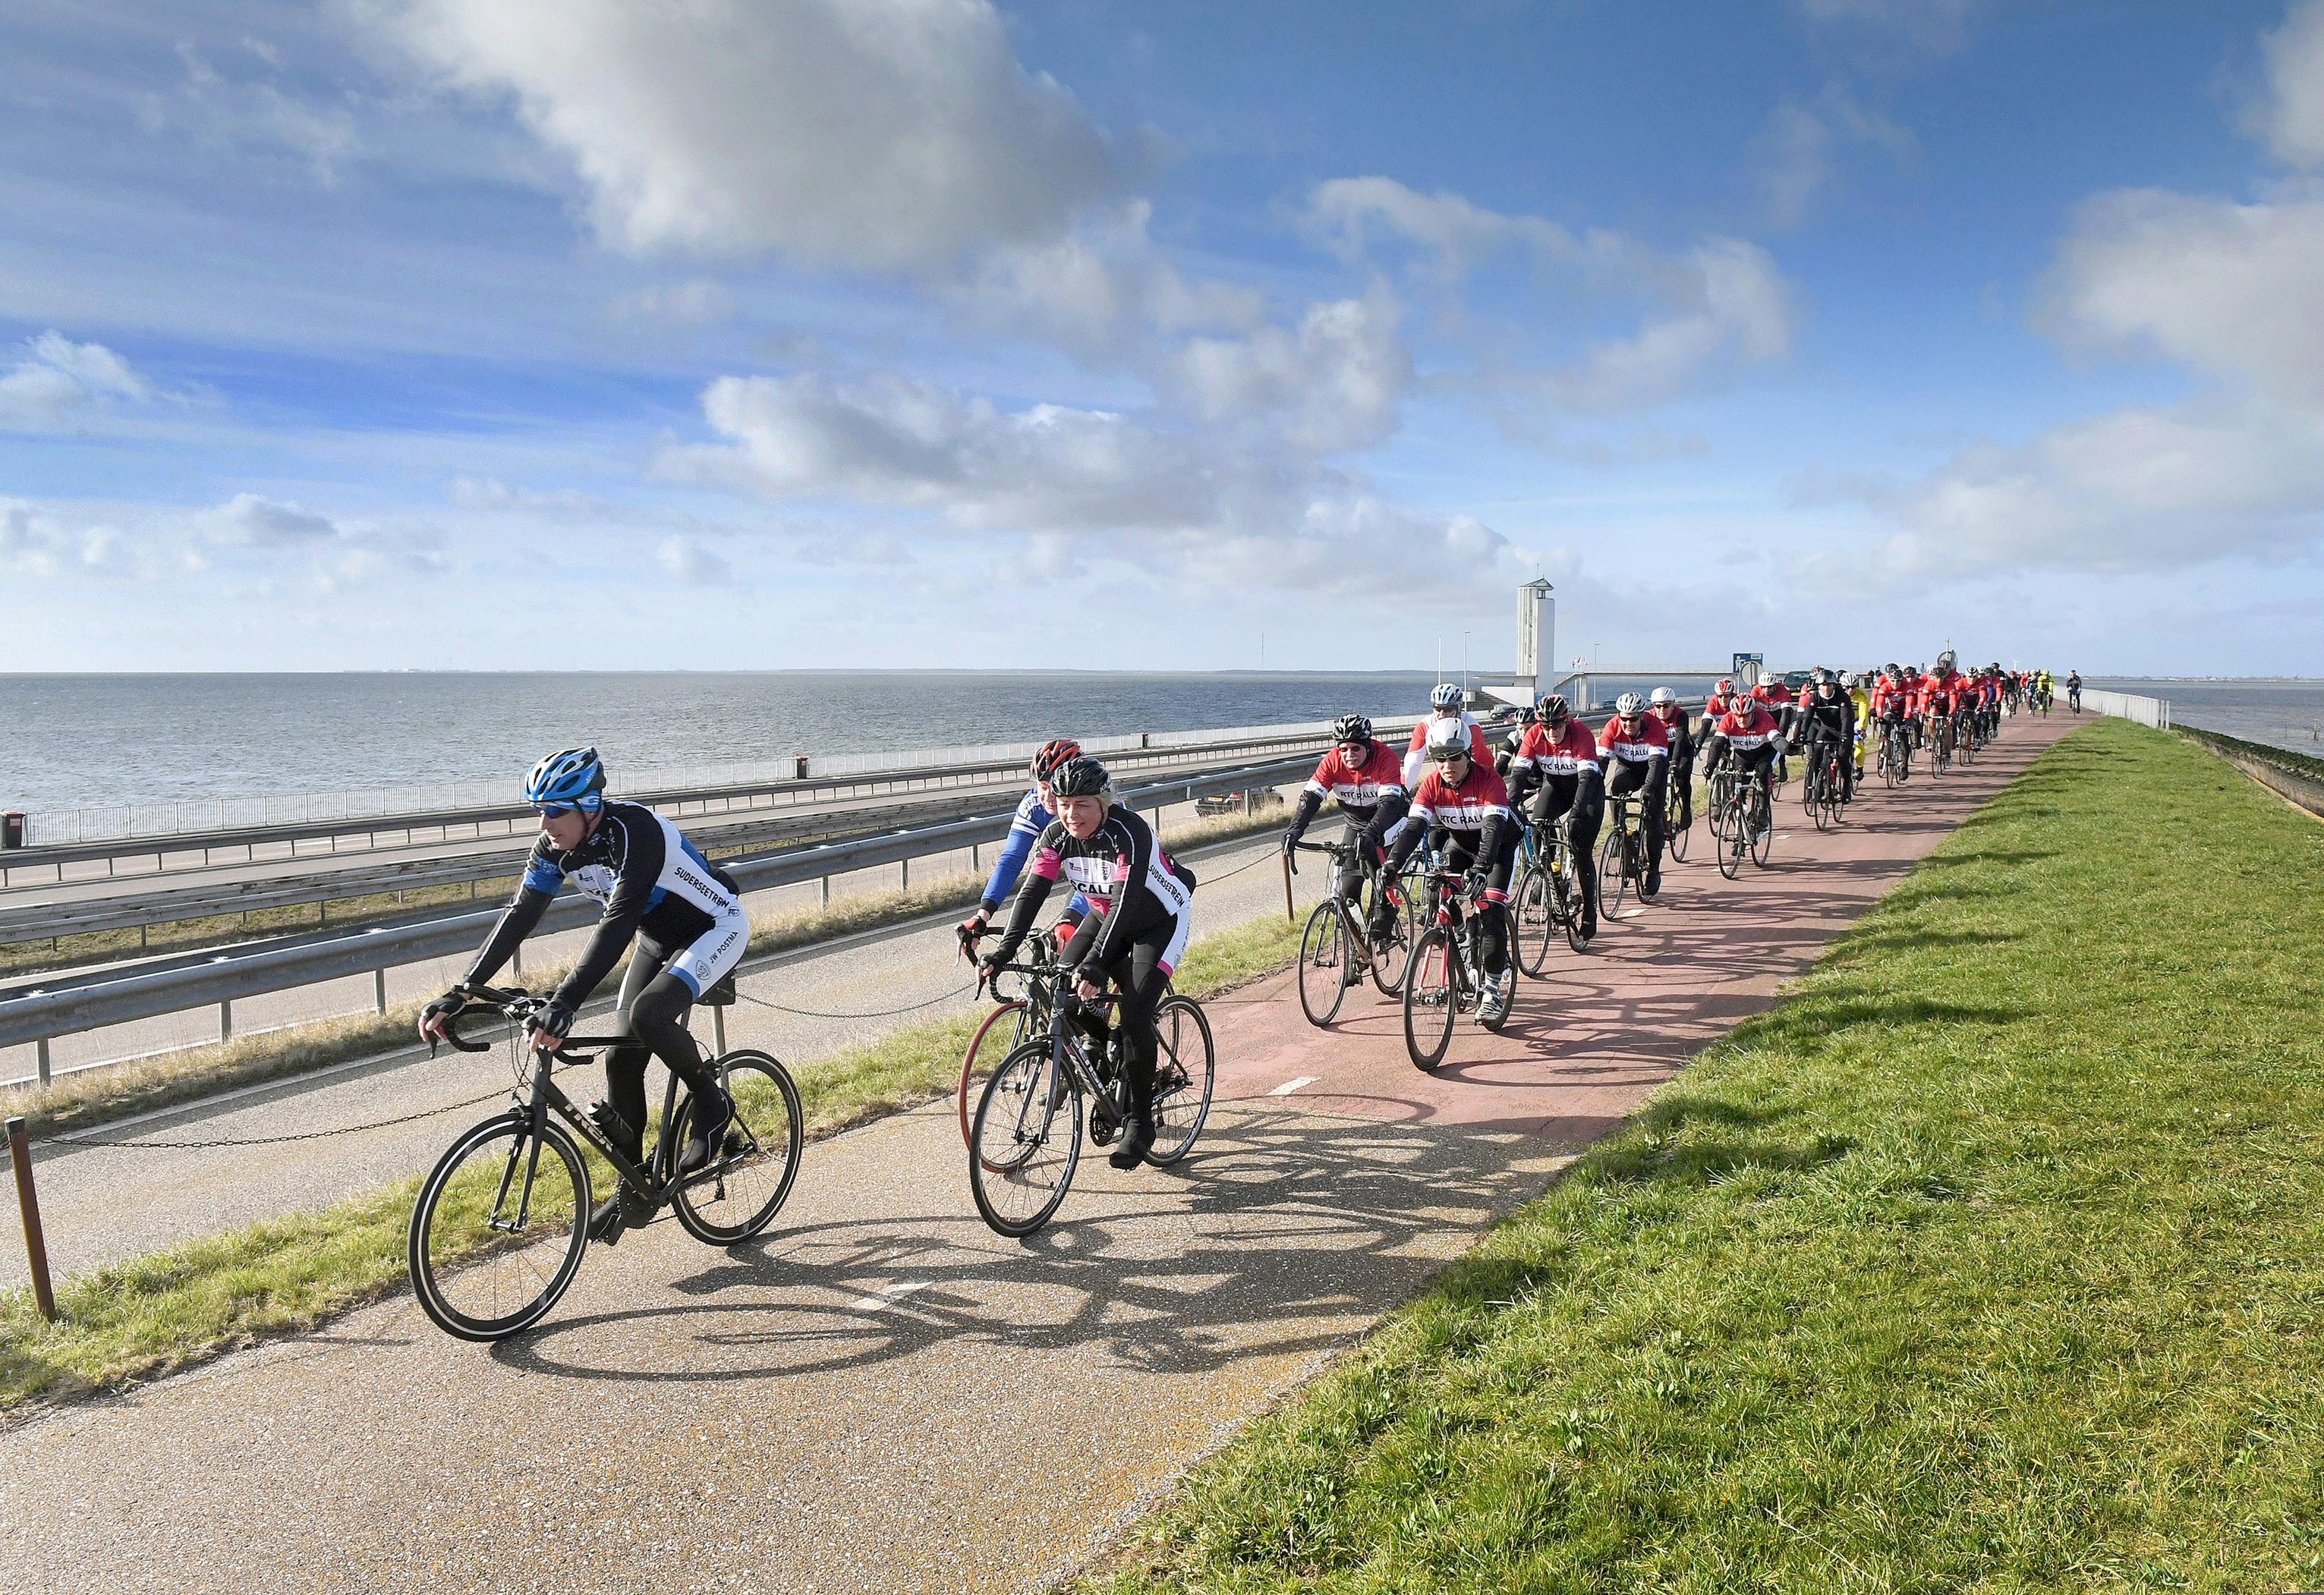 Pas in 2025 weer fietsen over de Afsluitdijk. Wielrenners protesteren met #Odeaandeafsluitdijk. 'Dat nieuwe pad lijkt me geweldig, maar dan moet ik dus wel 82 worden'